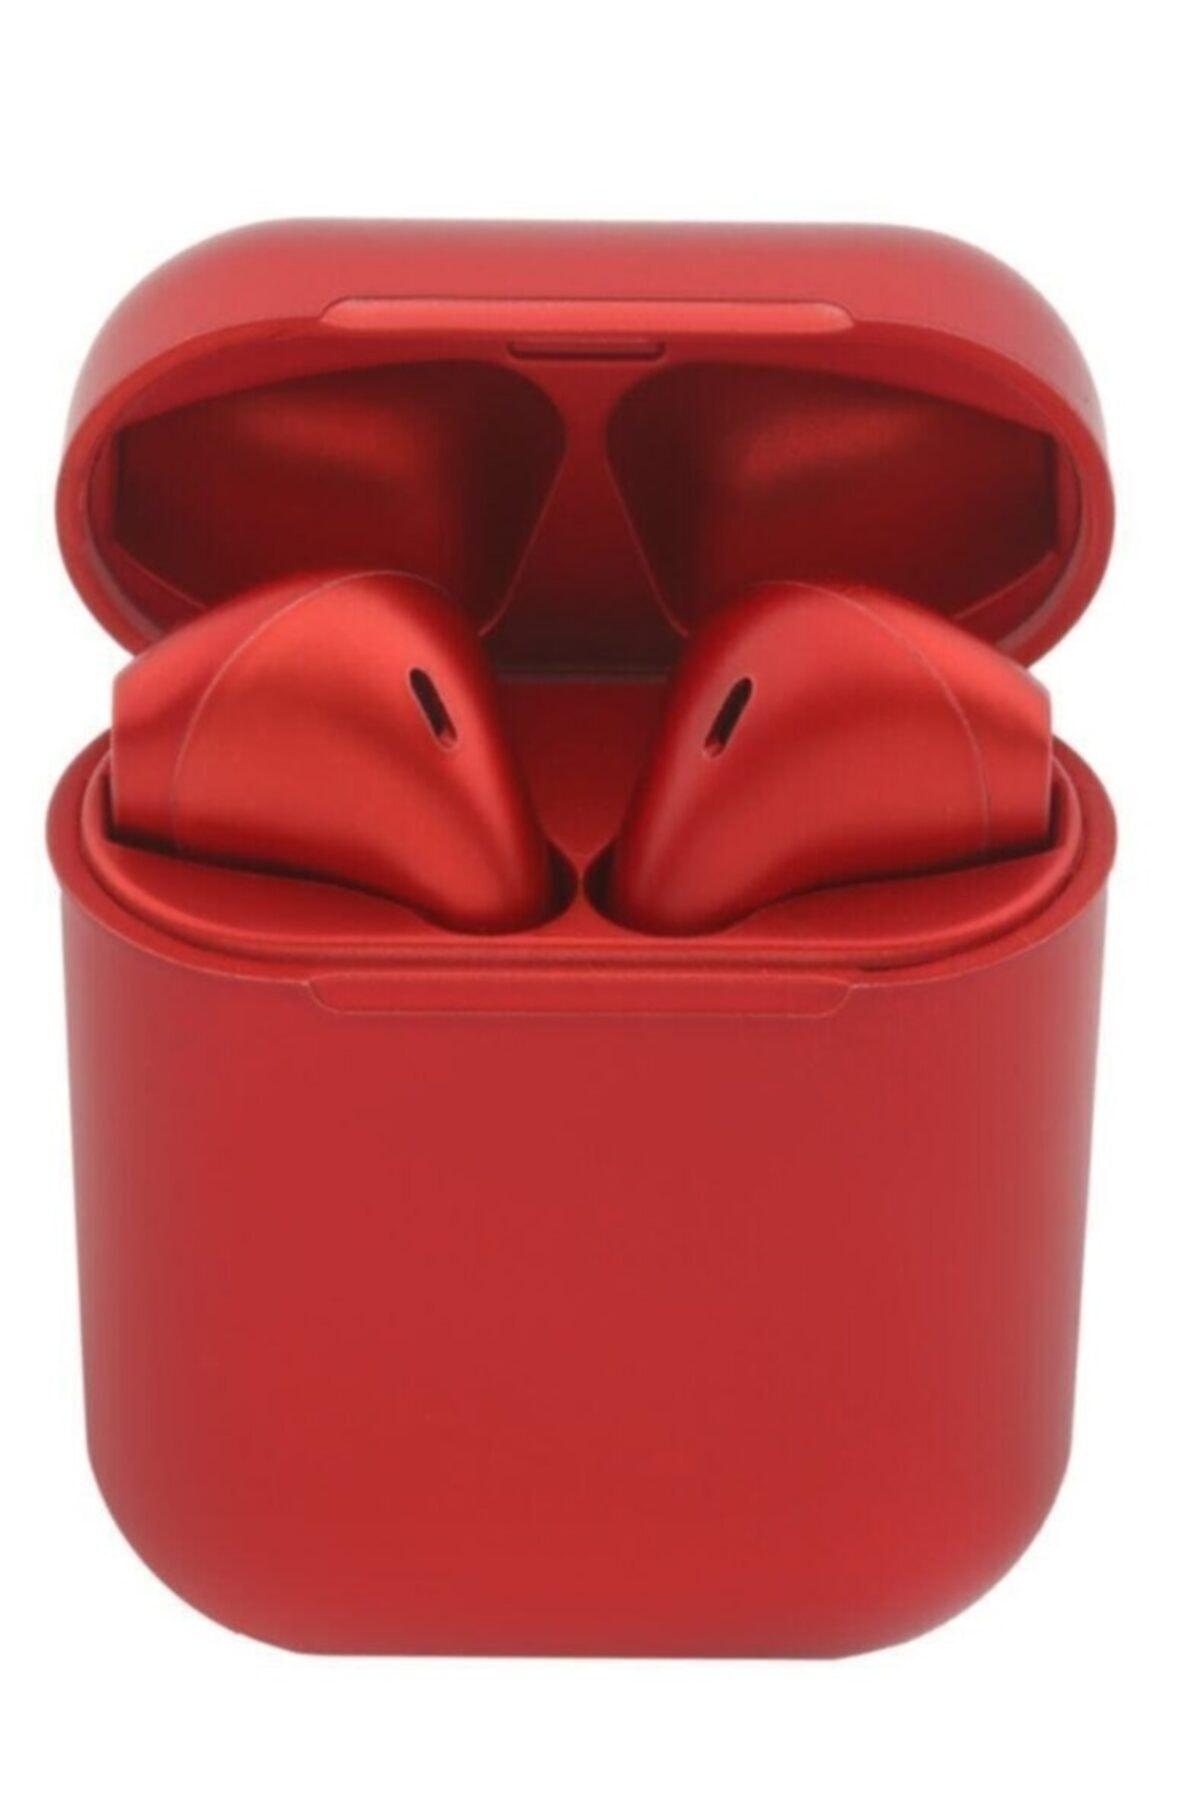 I12 Kırmızı Iphone Android Universal Bluetooth Kulaklık HD Ses Kalitesi 0945347310220